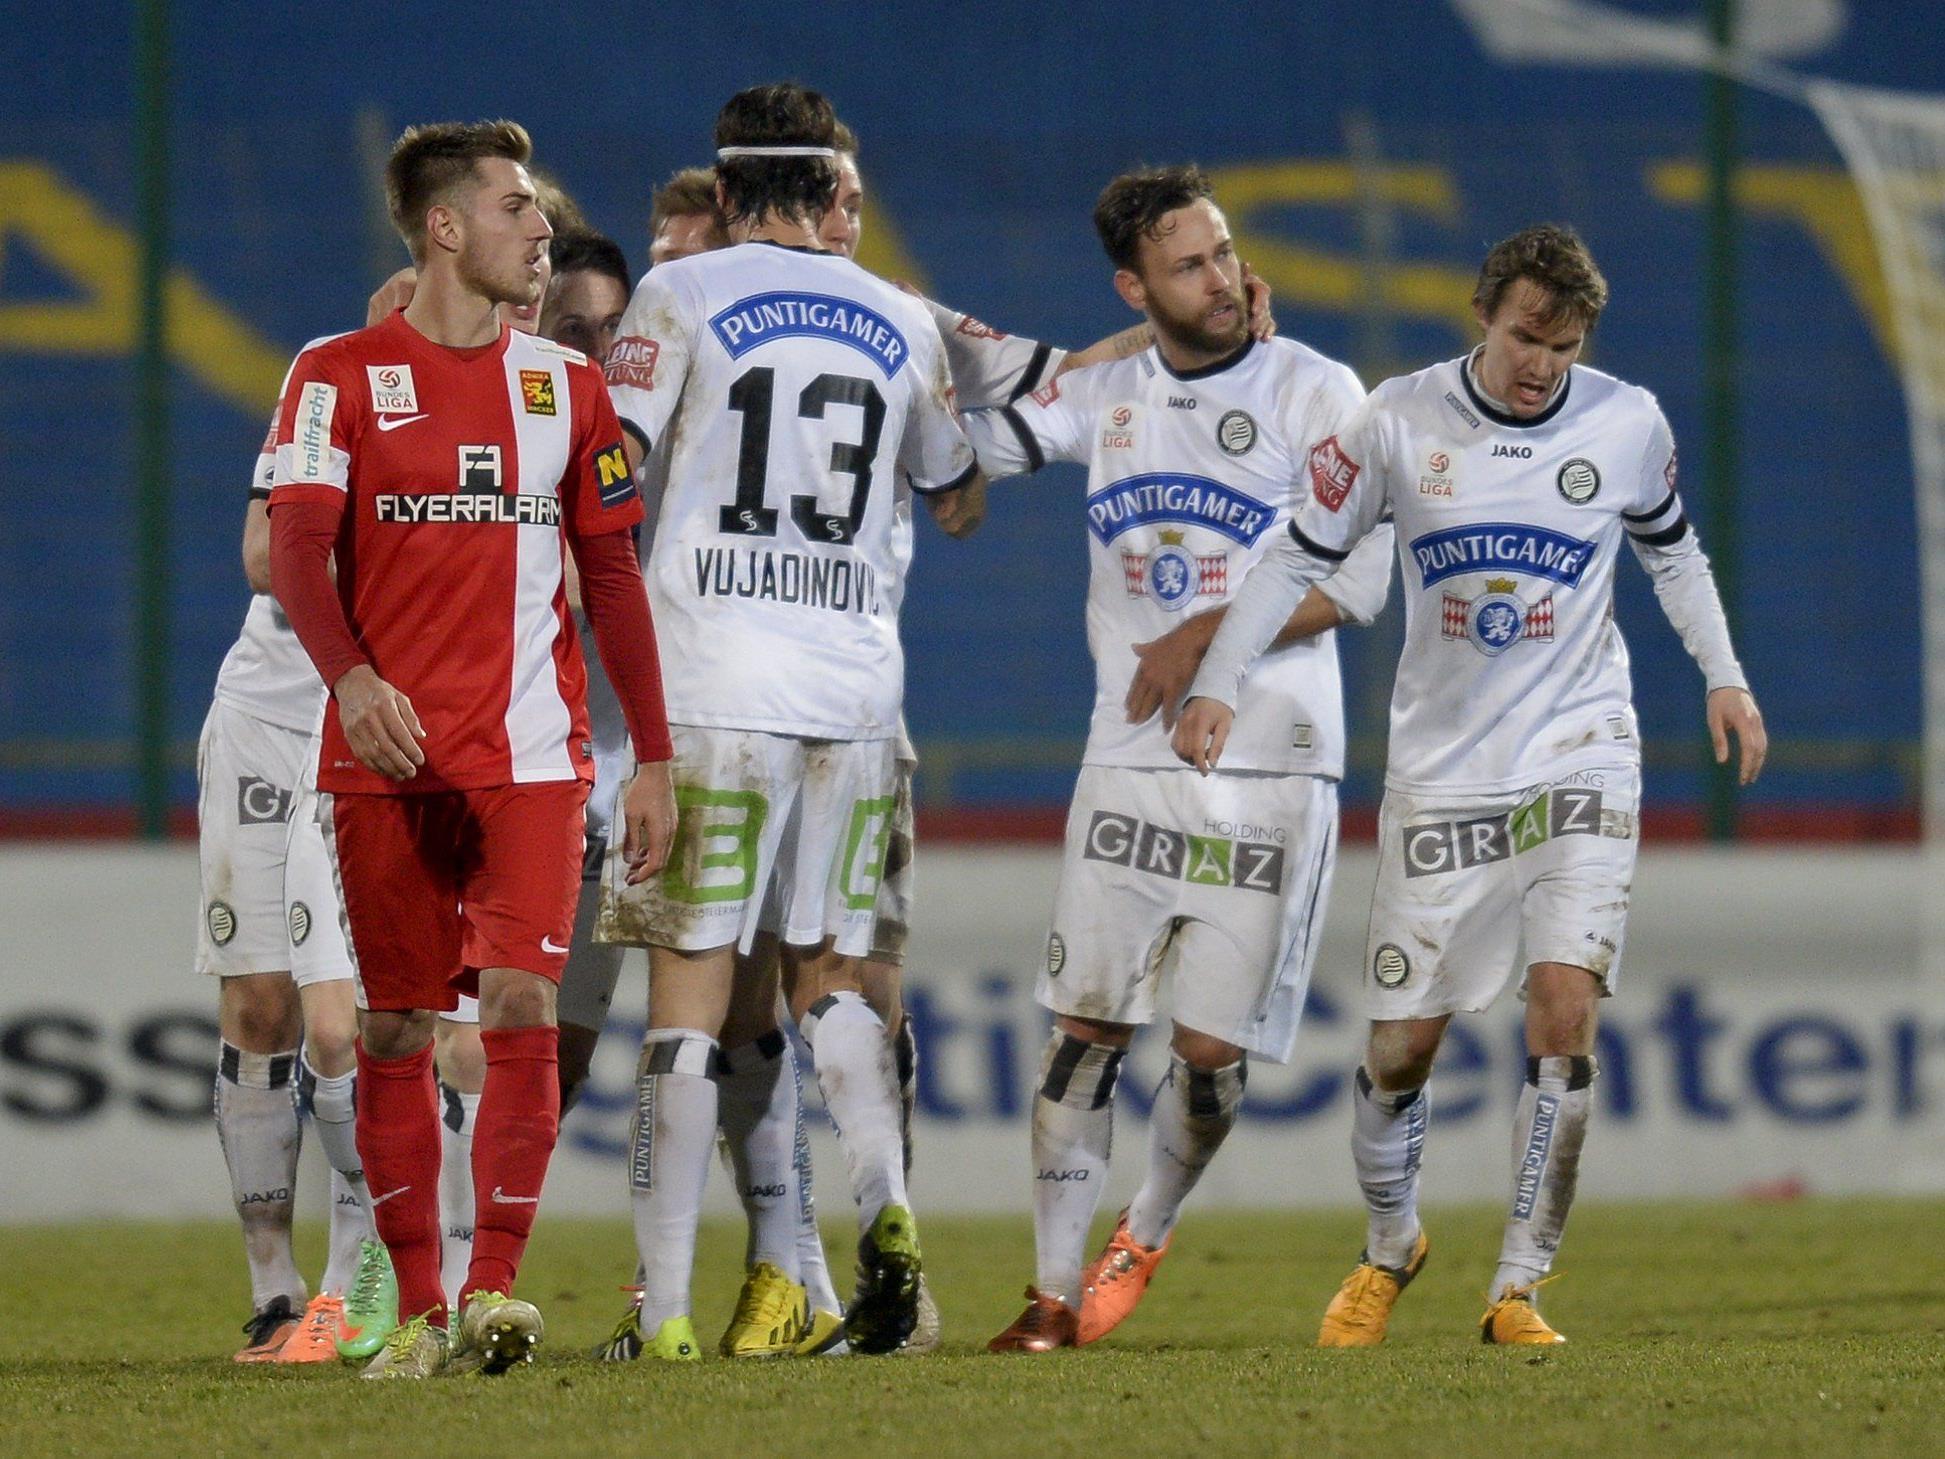 LIVE-Ticker zum Spiel SK Sturm Graz gegen FC Admira Wacker Mödling ab 19.00 Uhr.